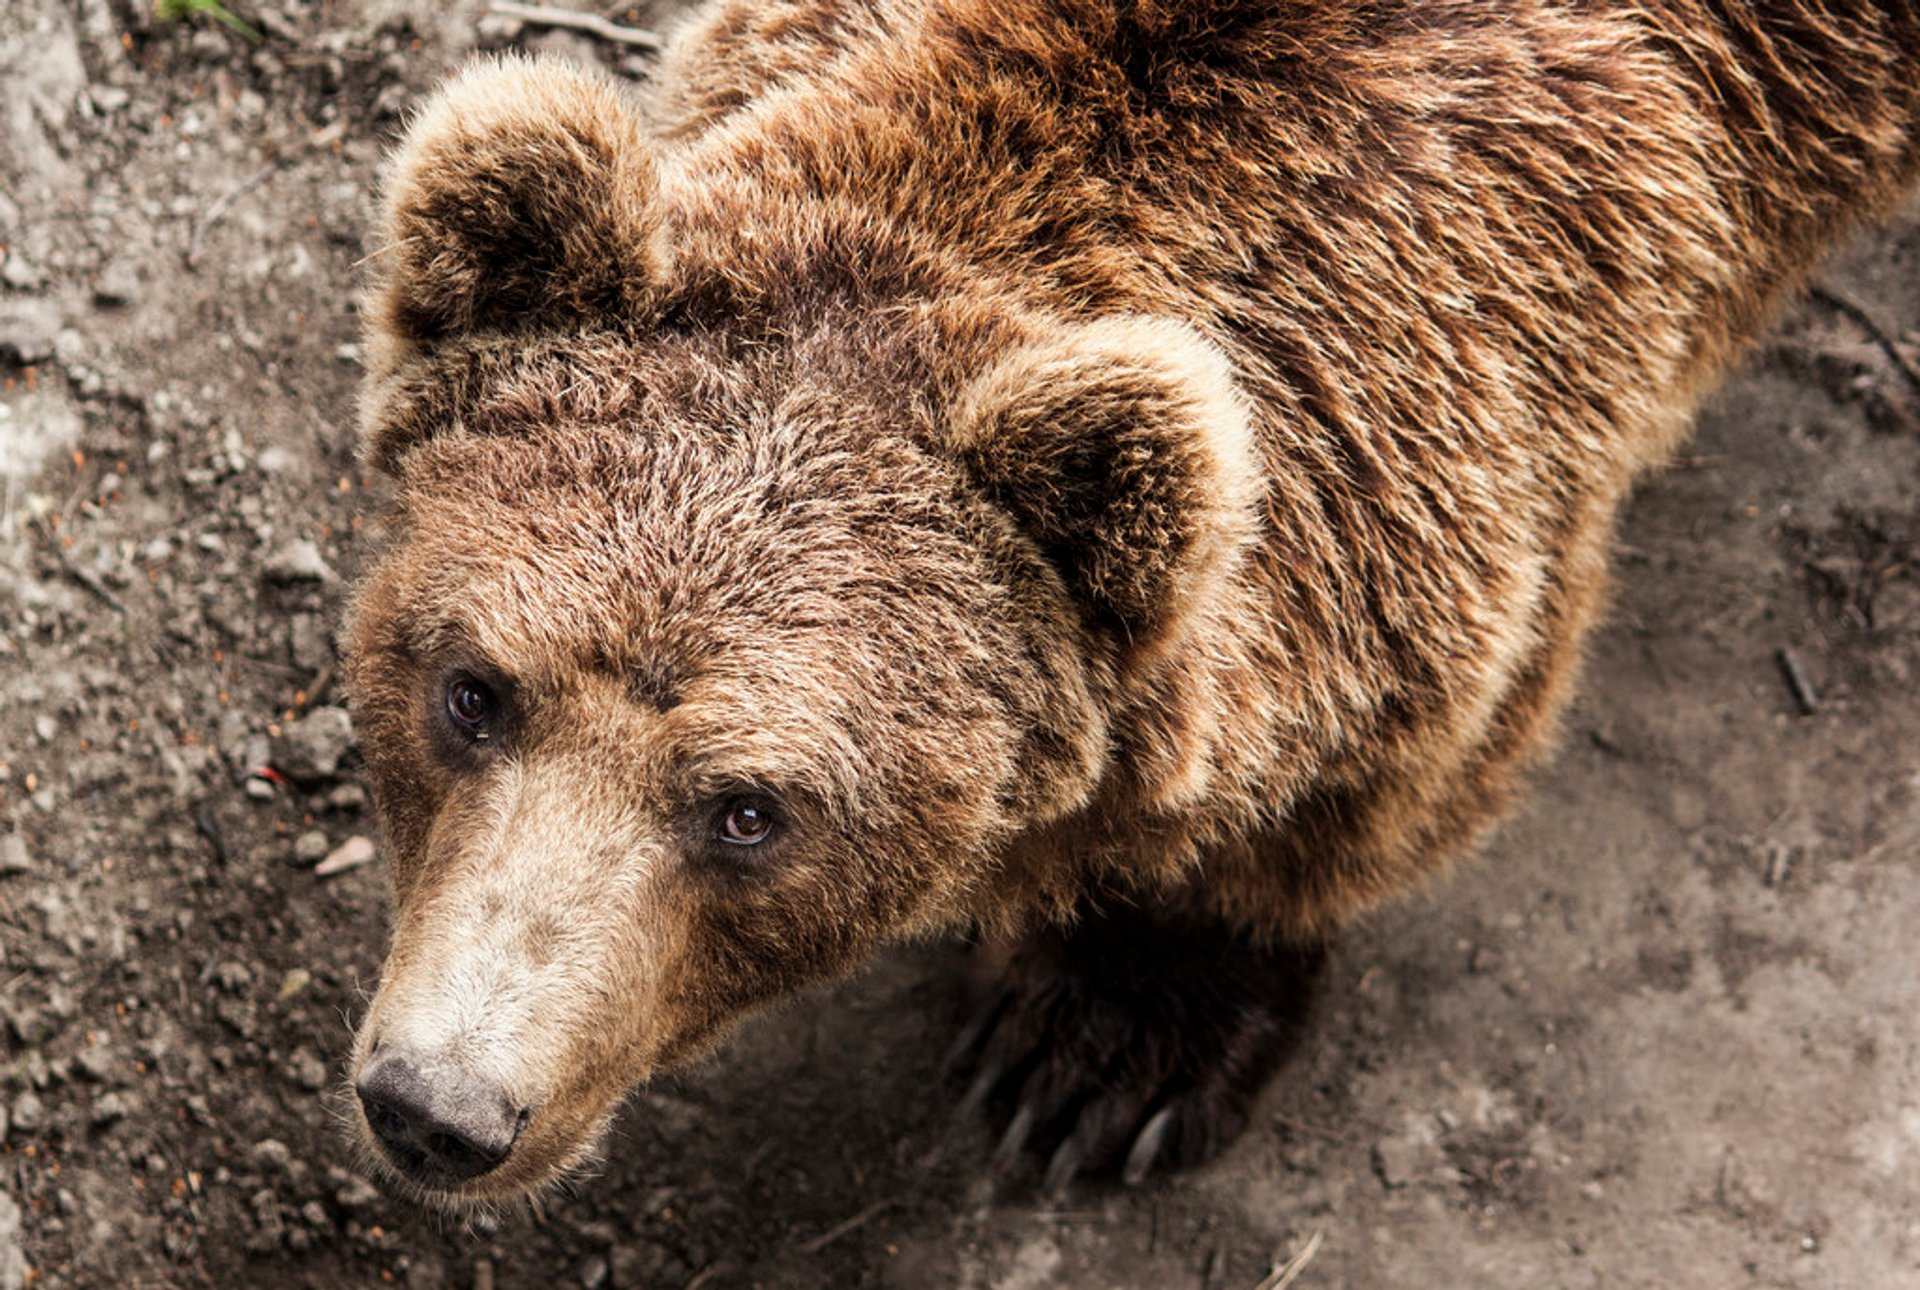 Brown Bears in Norway 2020 - Best Time